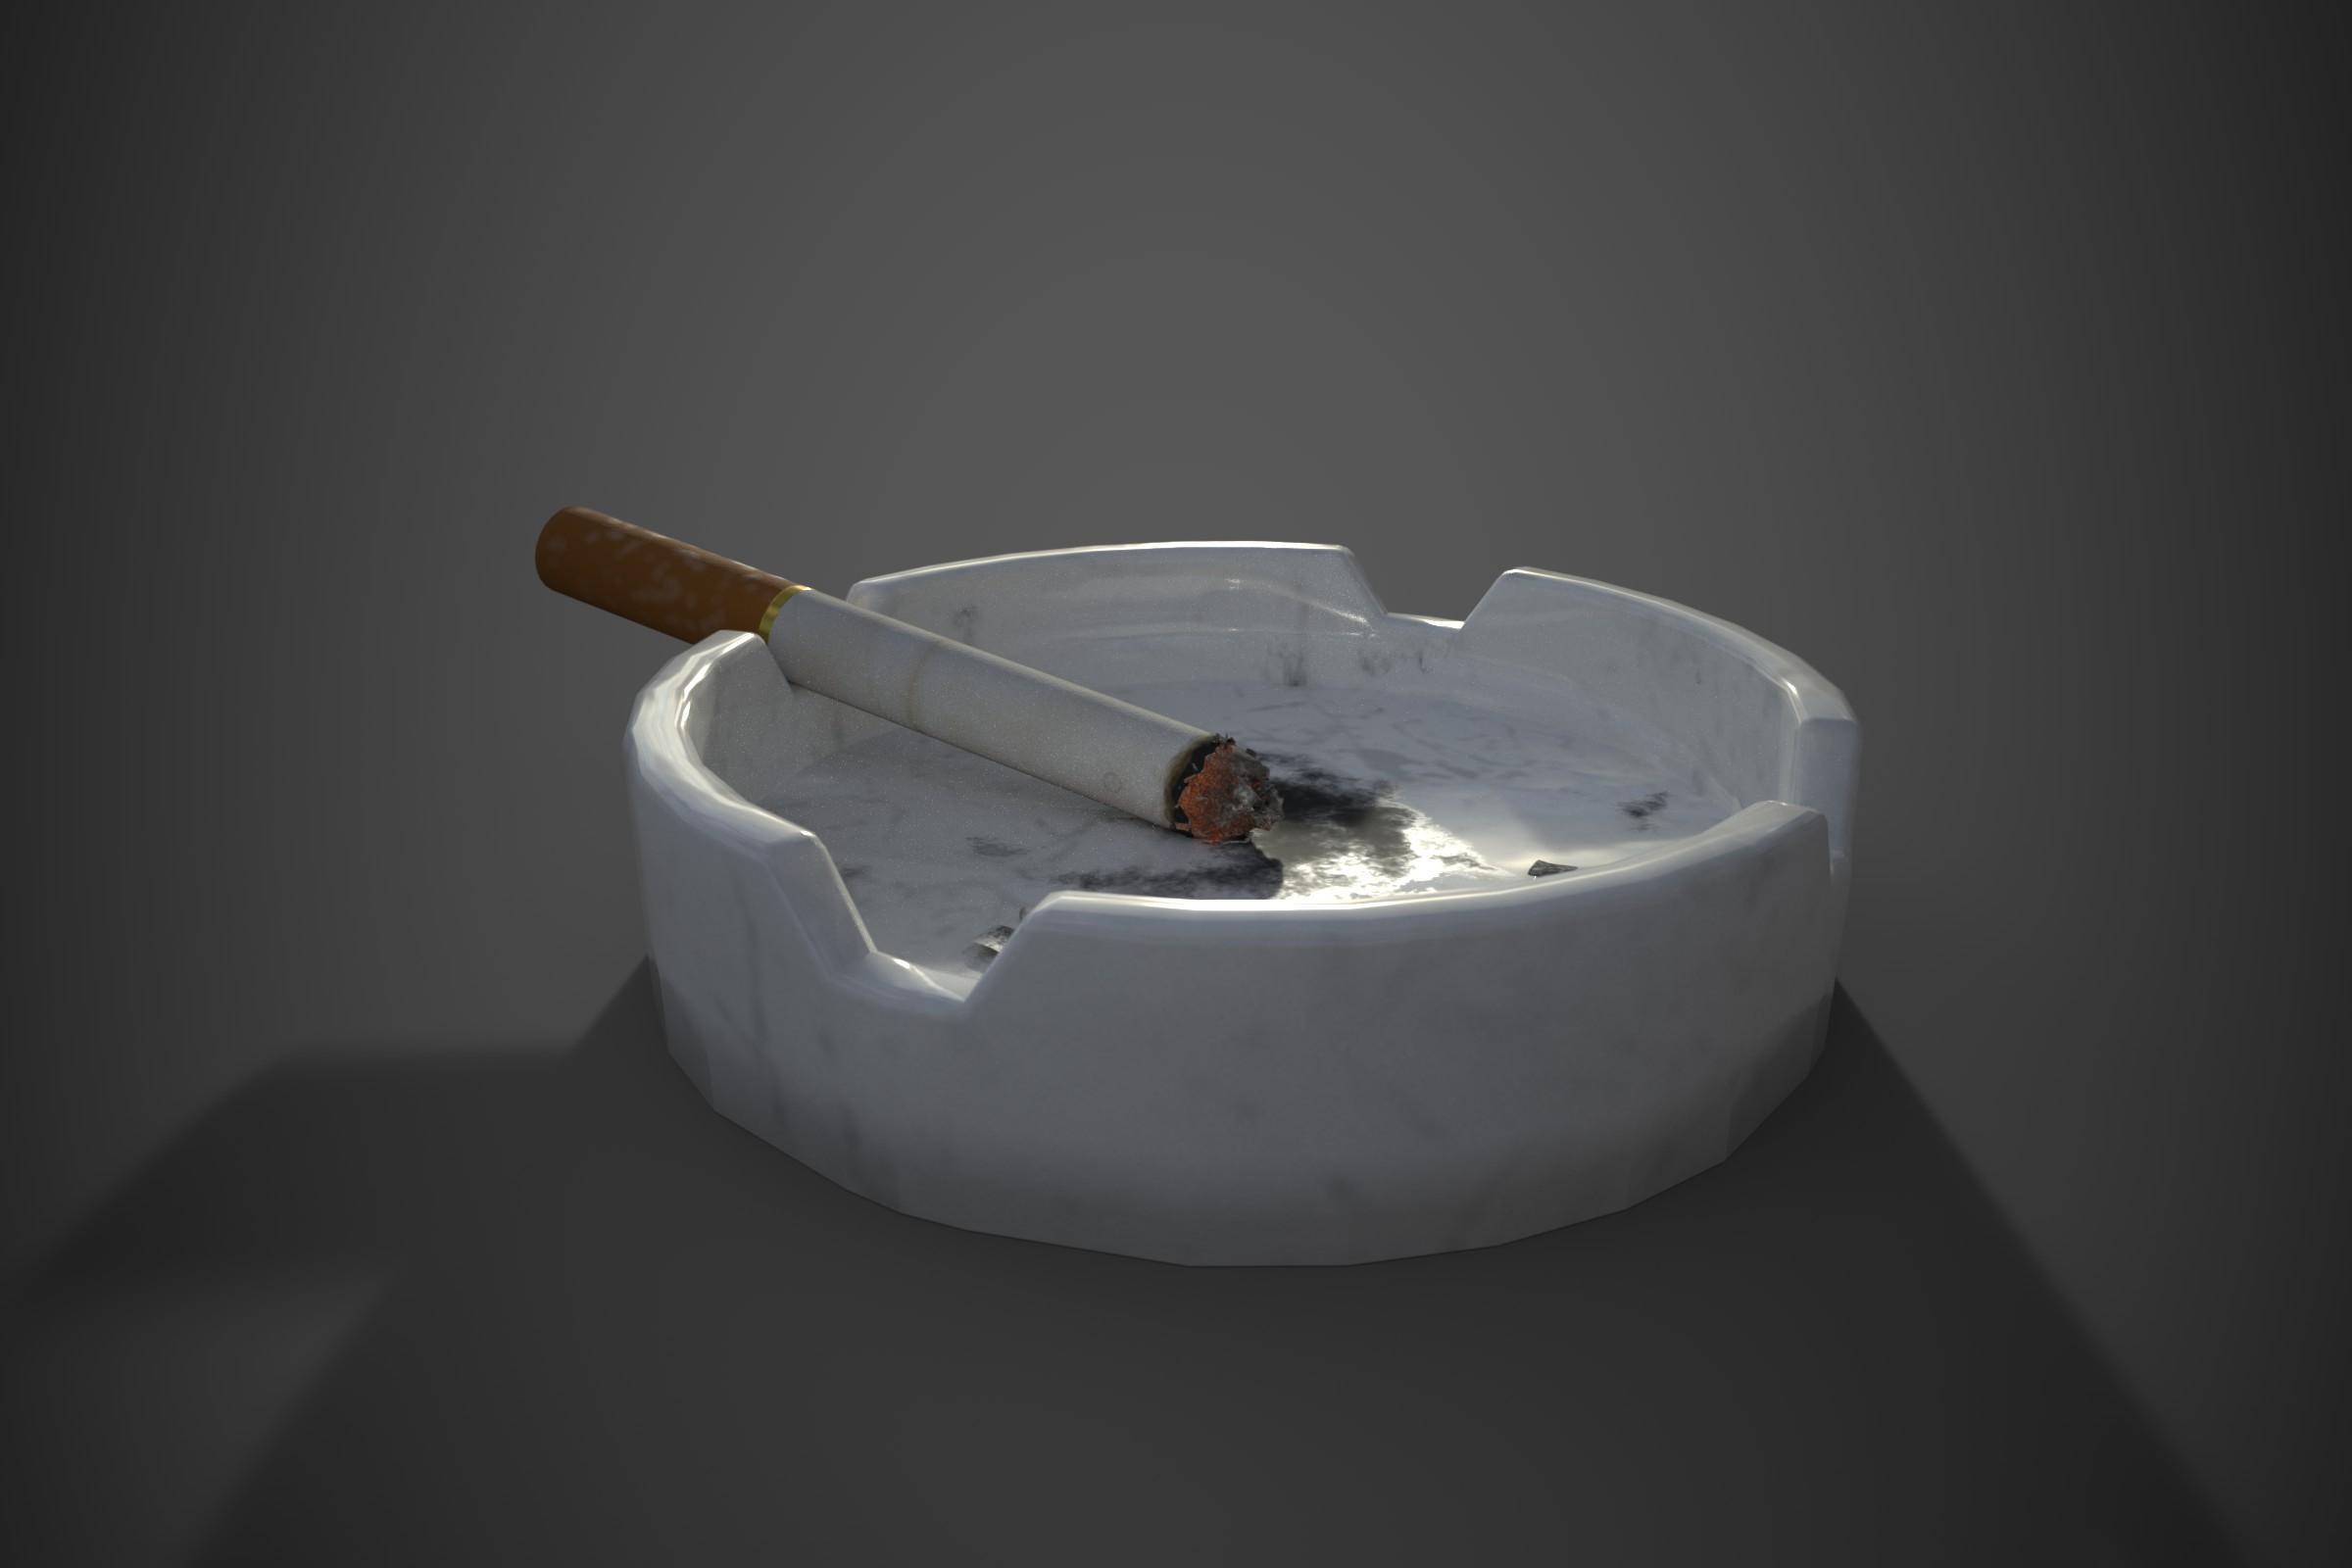 ashtray_02.jpg